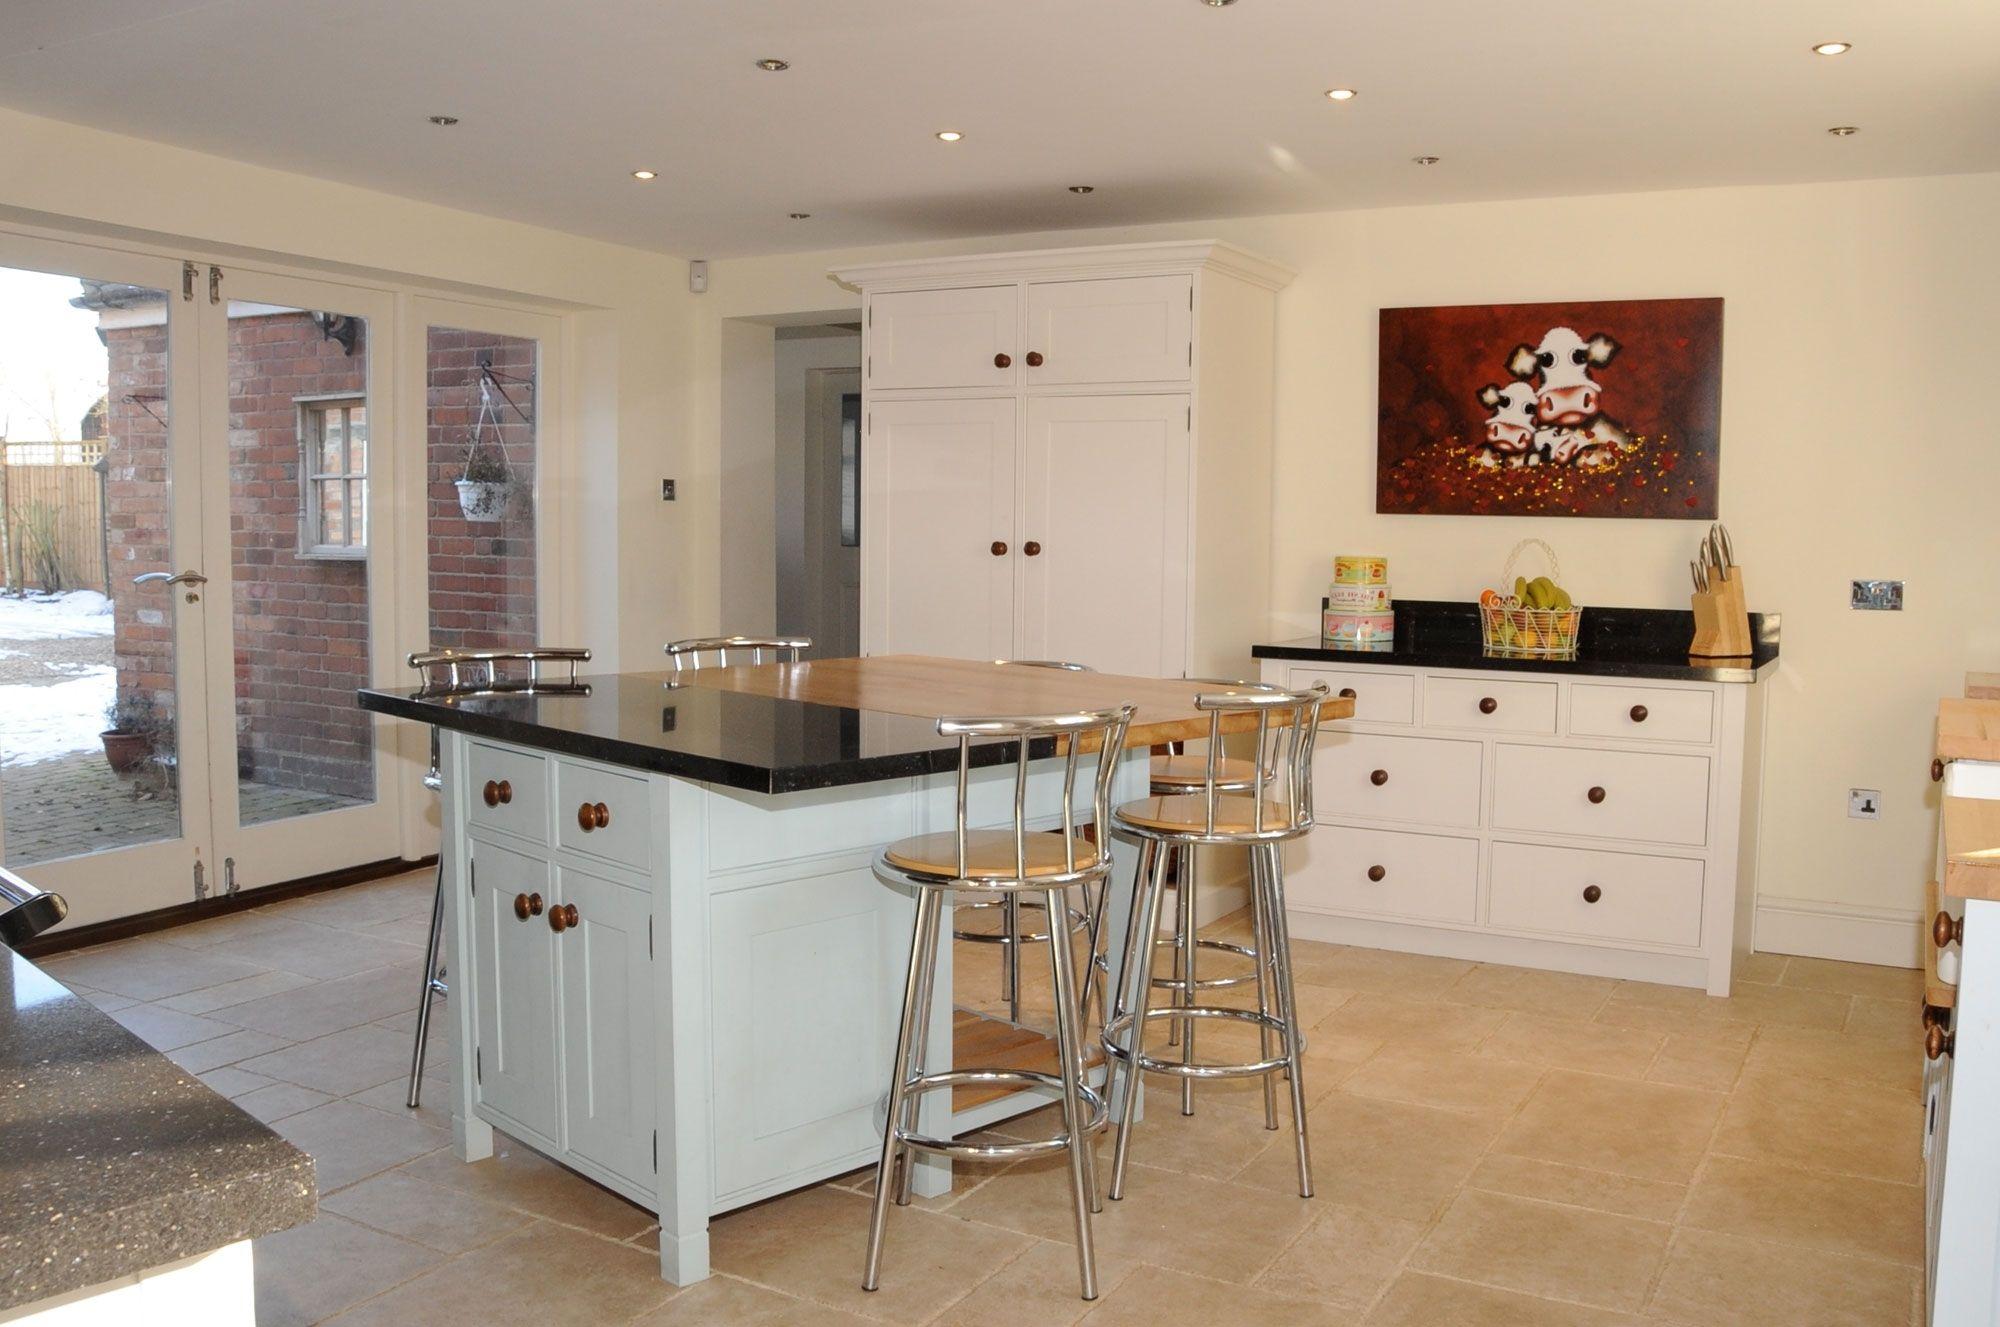 Full Size of Freistehende Küchen Kche Inseln Mit Sitzgelegenheiten Bildern Regal Küche Wohnzimmer Freistehende Küchen